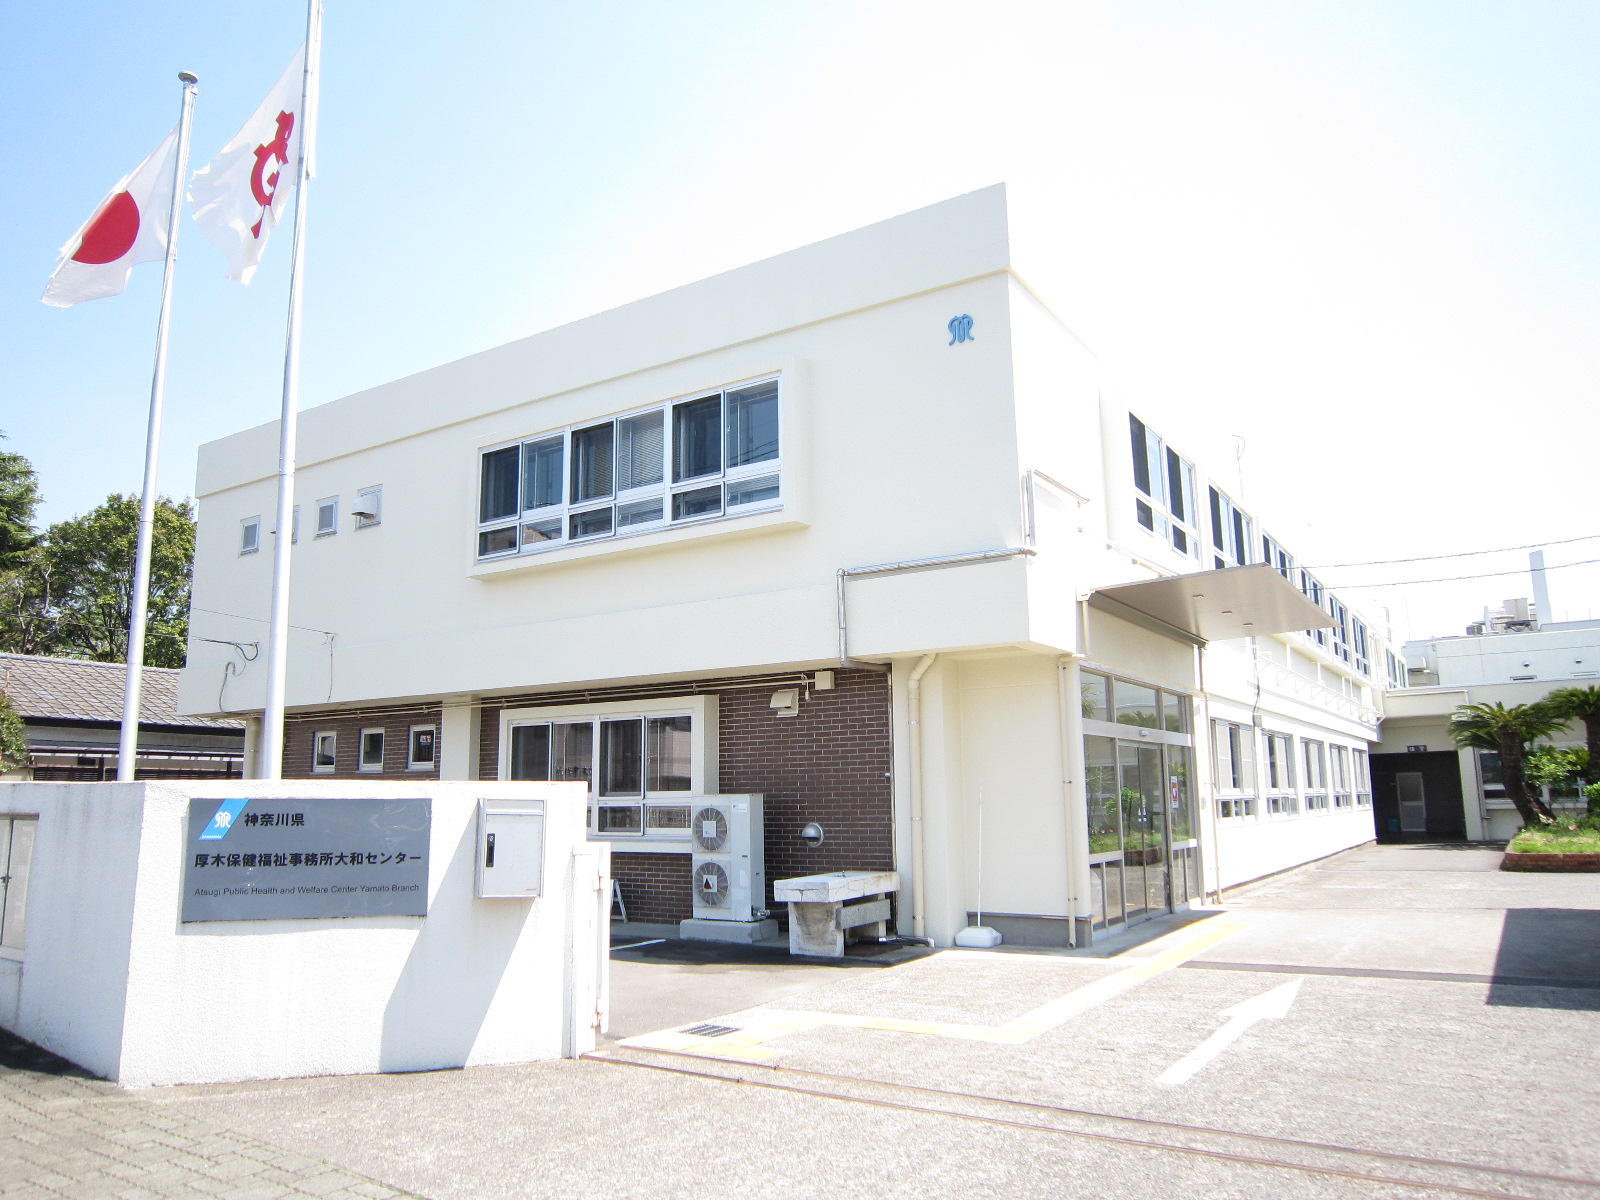 厚木保健福祉事務所大和センターの外観 厚木保健福祉事務所大和センター - 神奈川県ホームページ